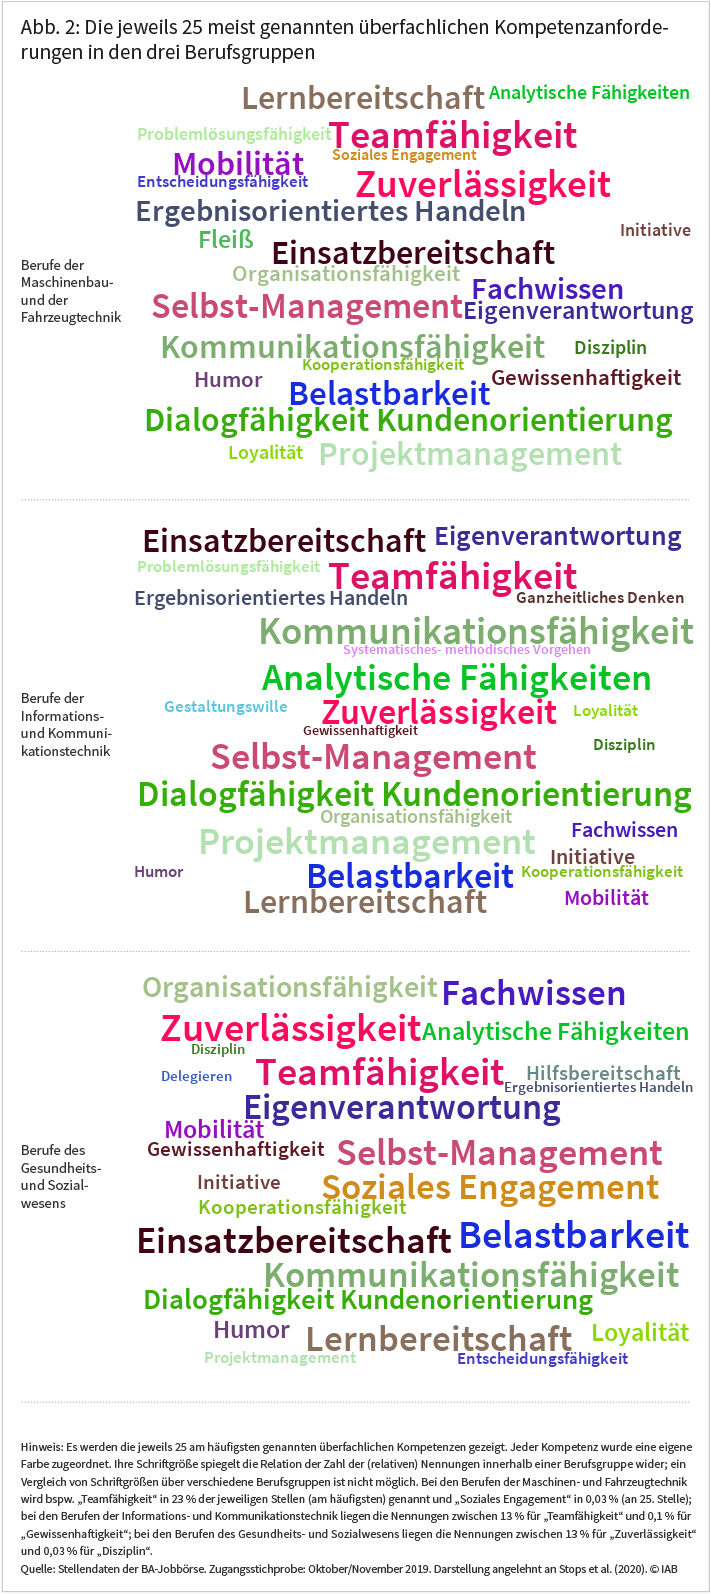 Abbildung 2 zeigt die jeweils 25 meist genannten überfachlichen Kompetenzanforderungen in den drei Berufsgruppen (näheres siehe Text). Quelle: Stellendaten der BA-Jobbörse. © IAB